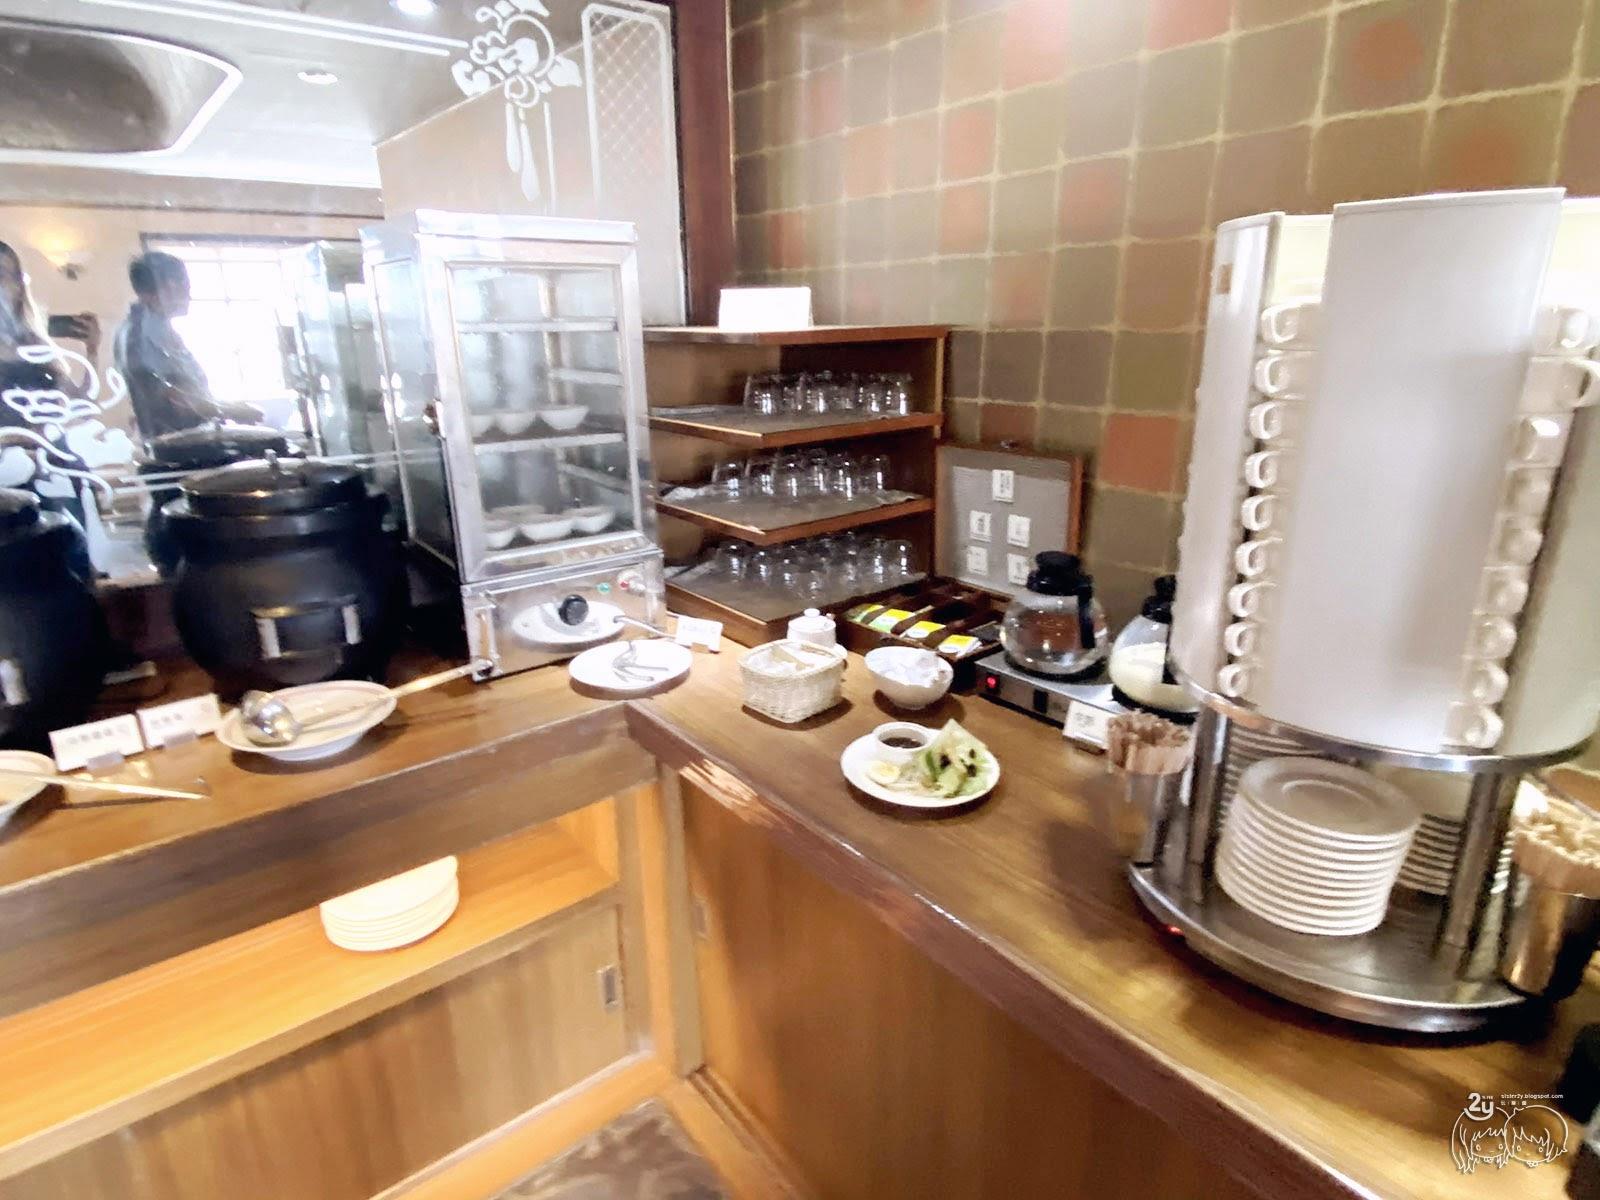 台南|北區 La Cupola圓頂西餐廳|自助吧吃到飽|精緻牛排專屬台南人的回憶|復古典雅的西餐廳|來一場老派約會